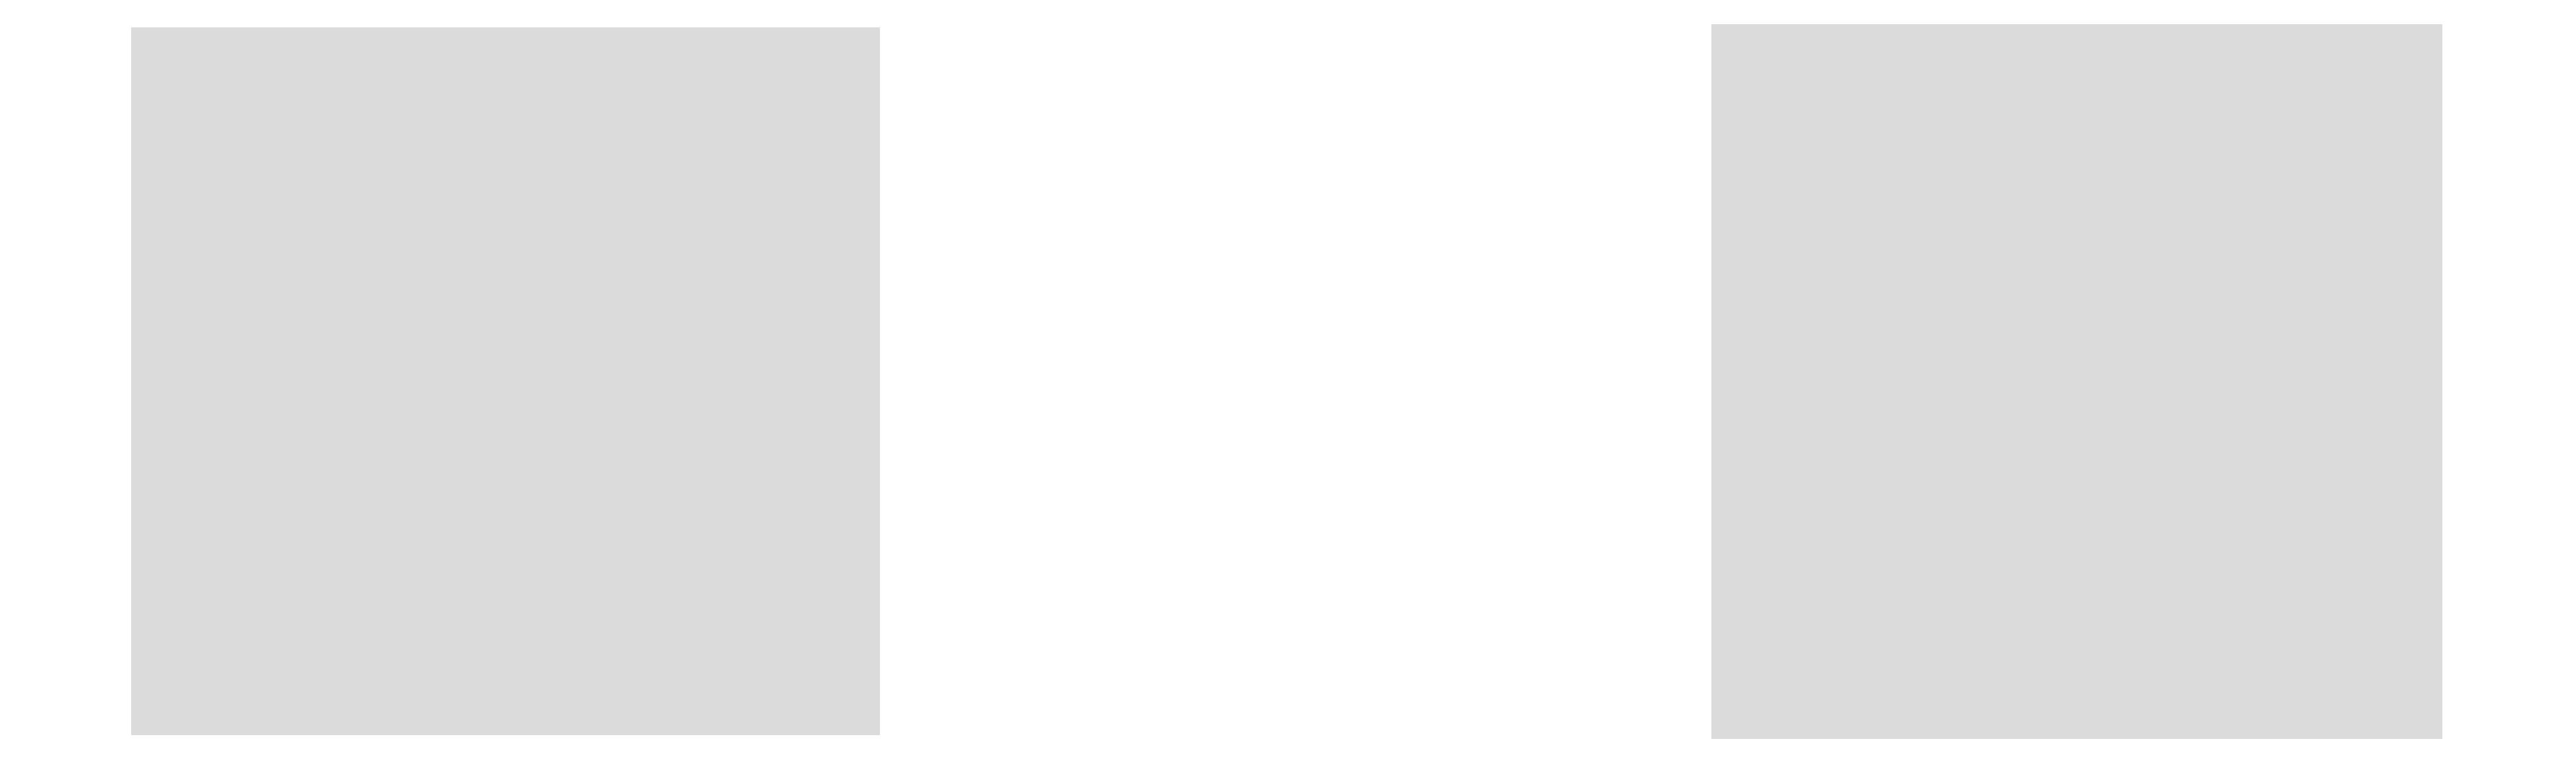 Logos de Baboonlab y Magic Fennec